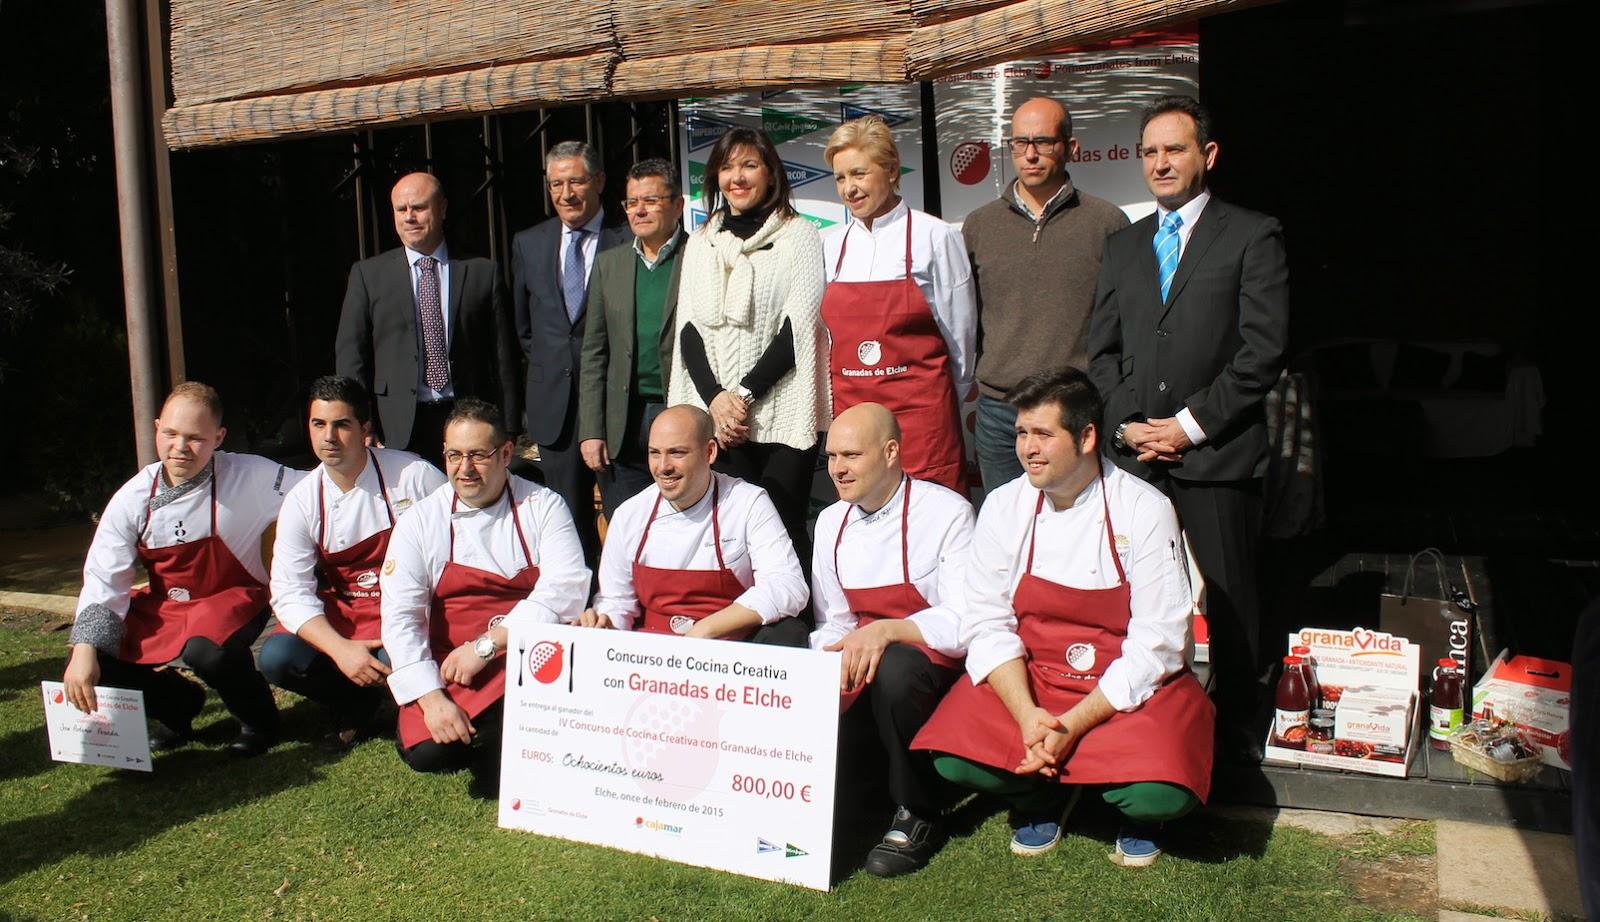 Foto familia Concurso Cocina Creativa Granada Mollar Elche